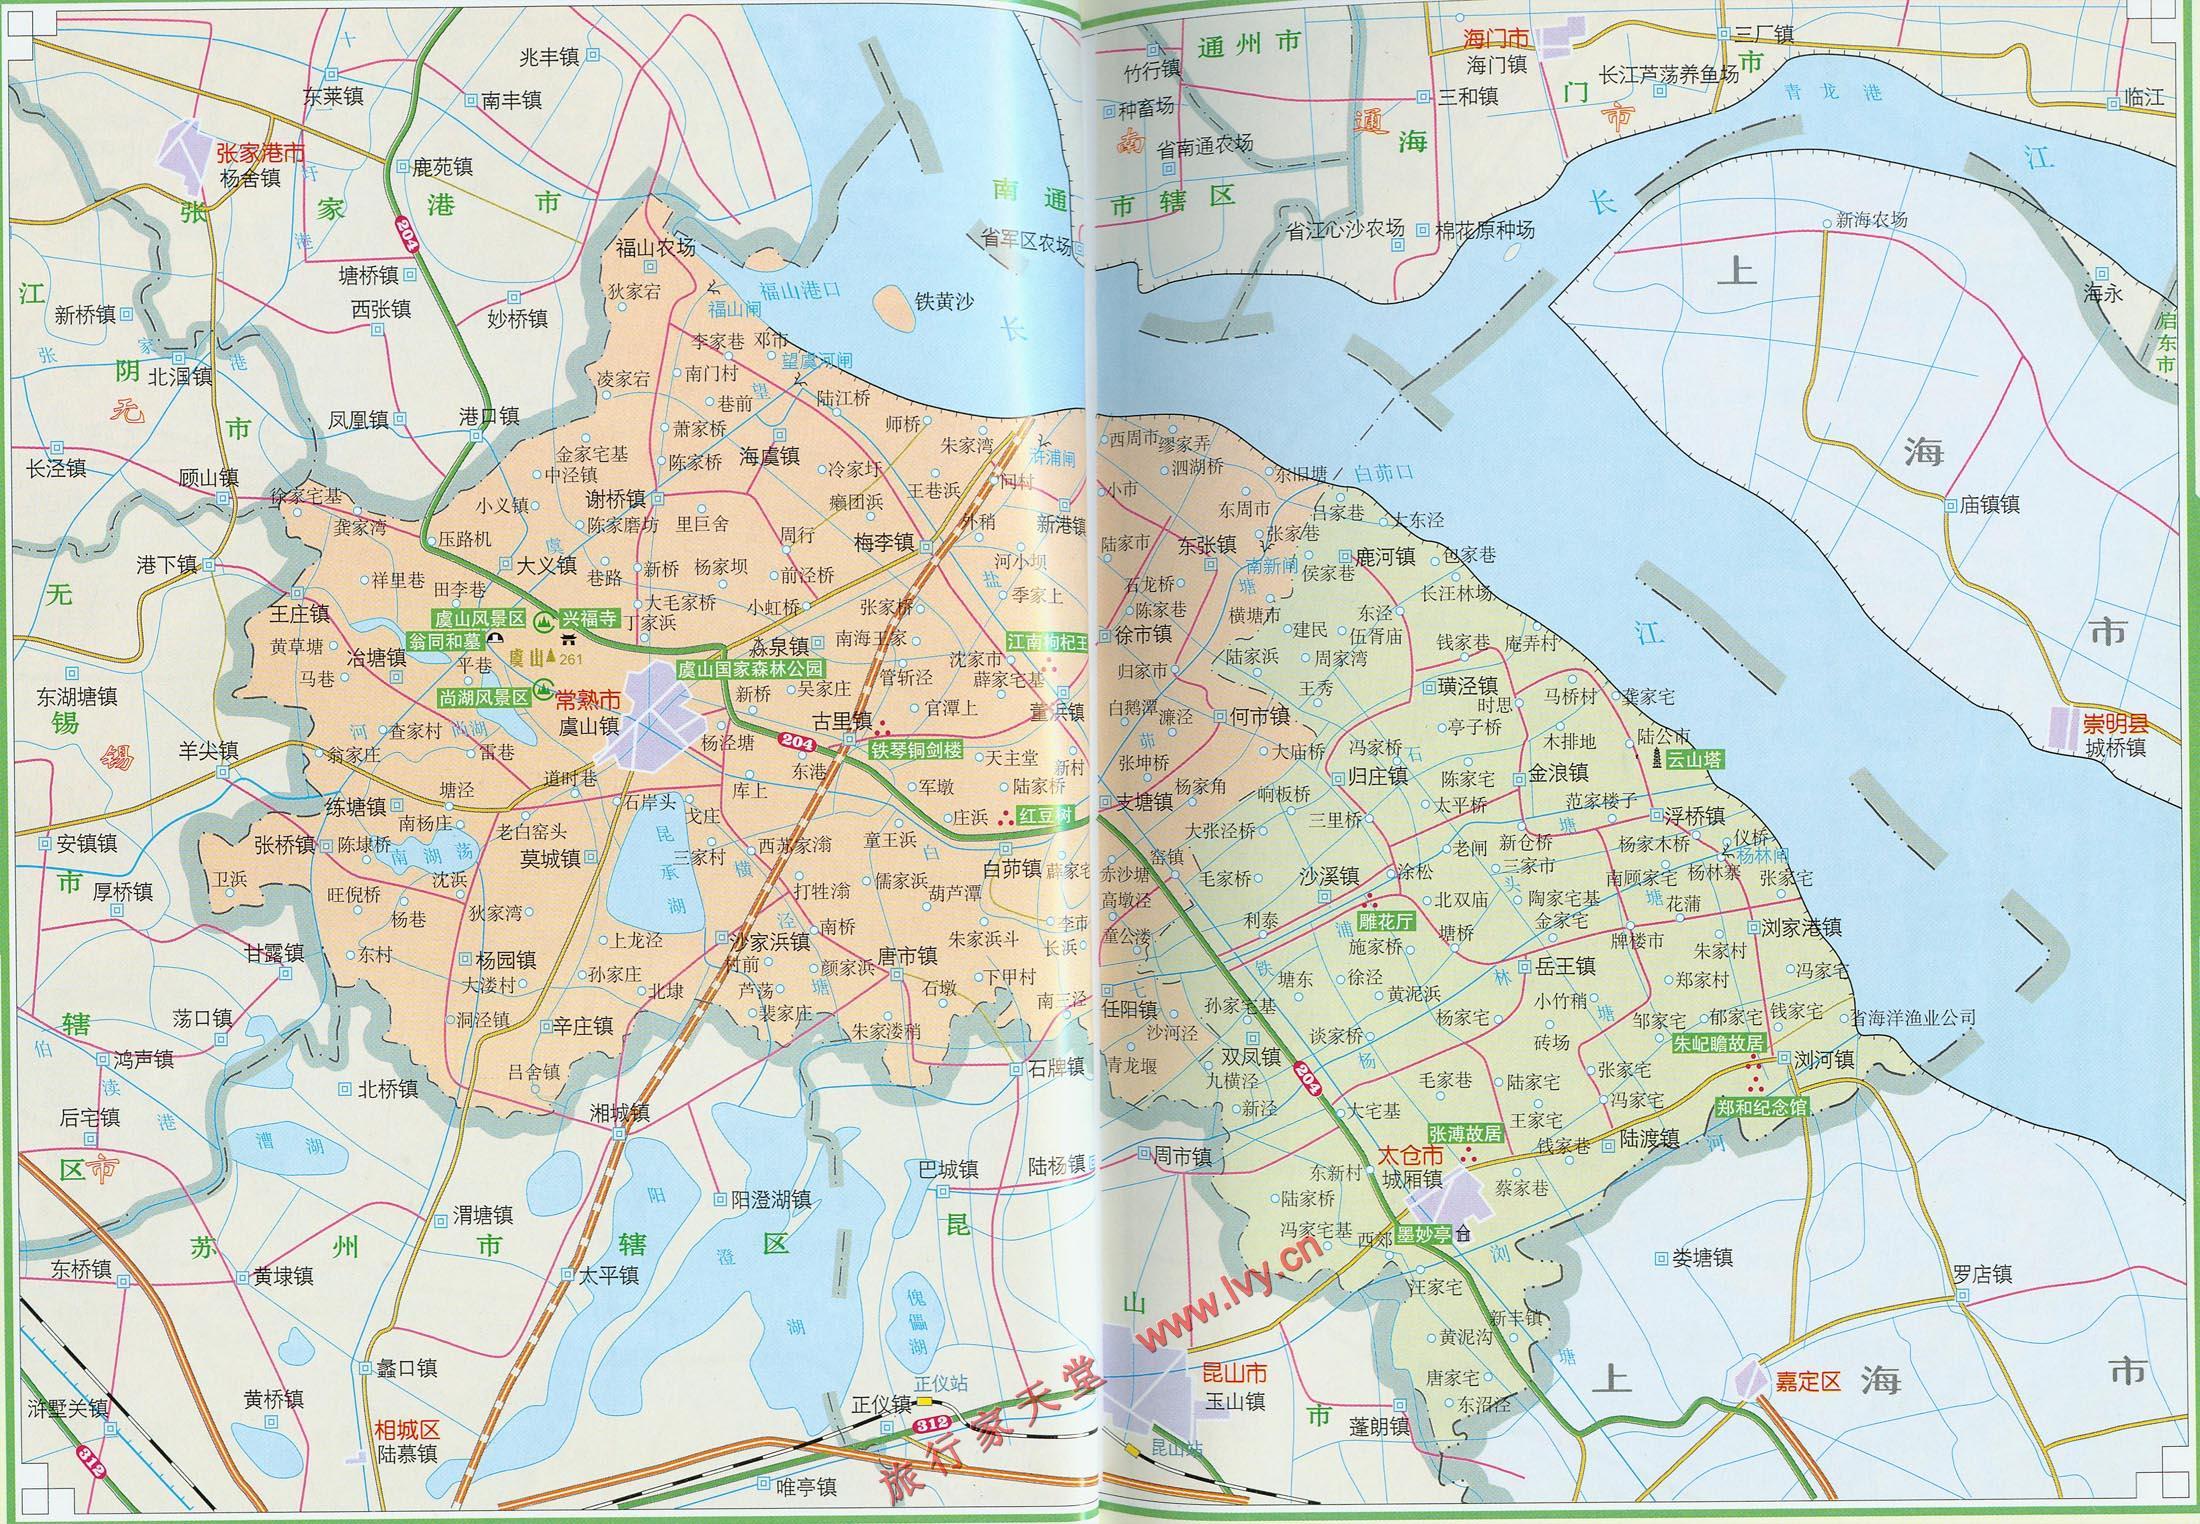 太仓地图行政区划图图片